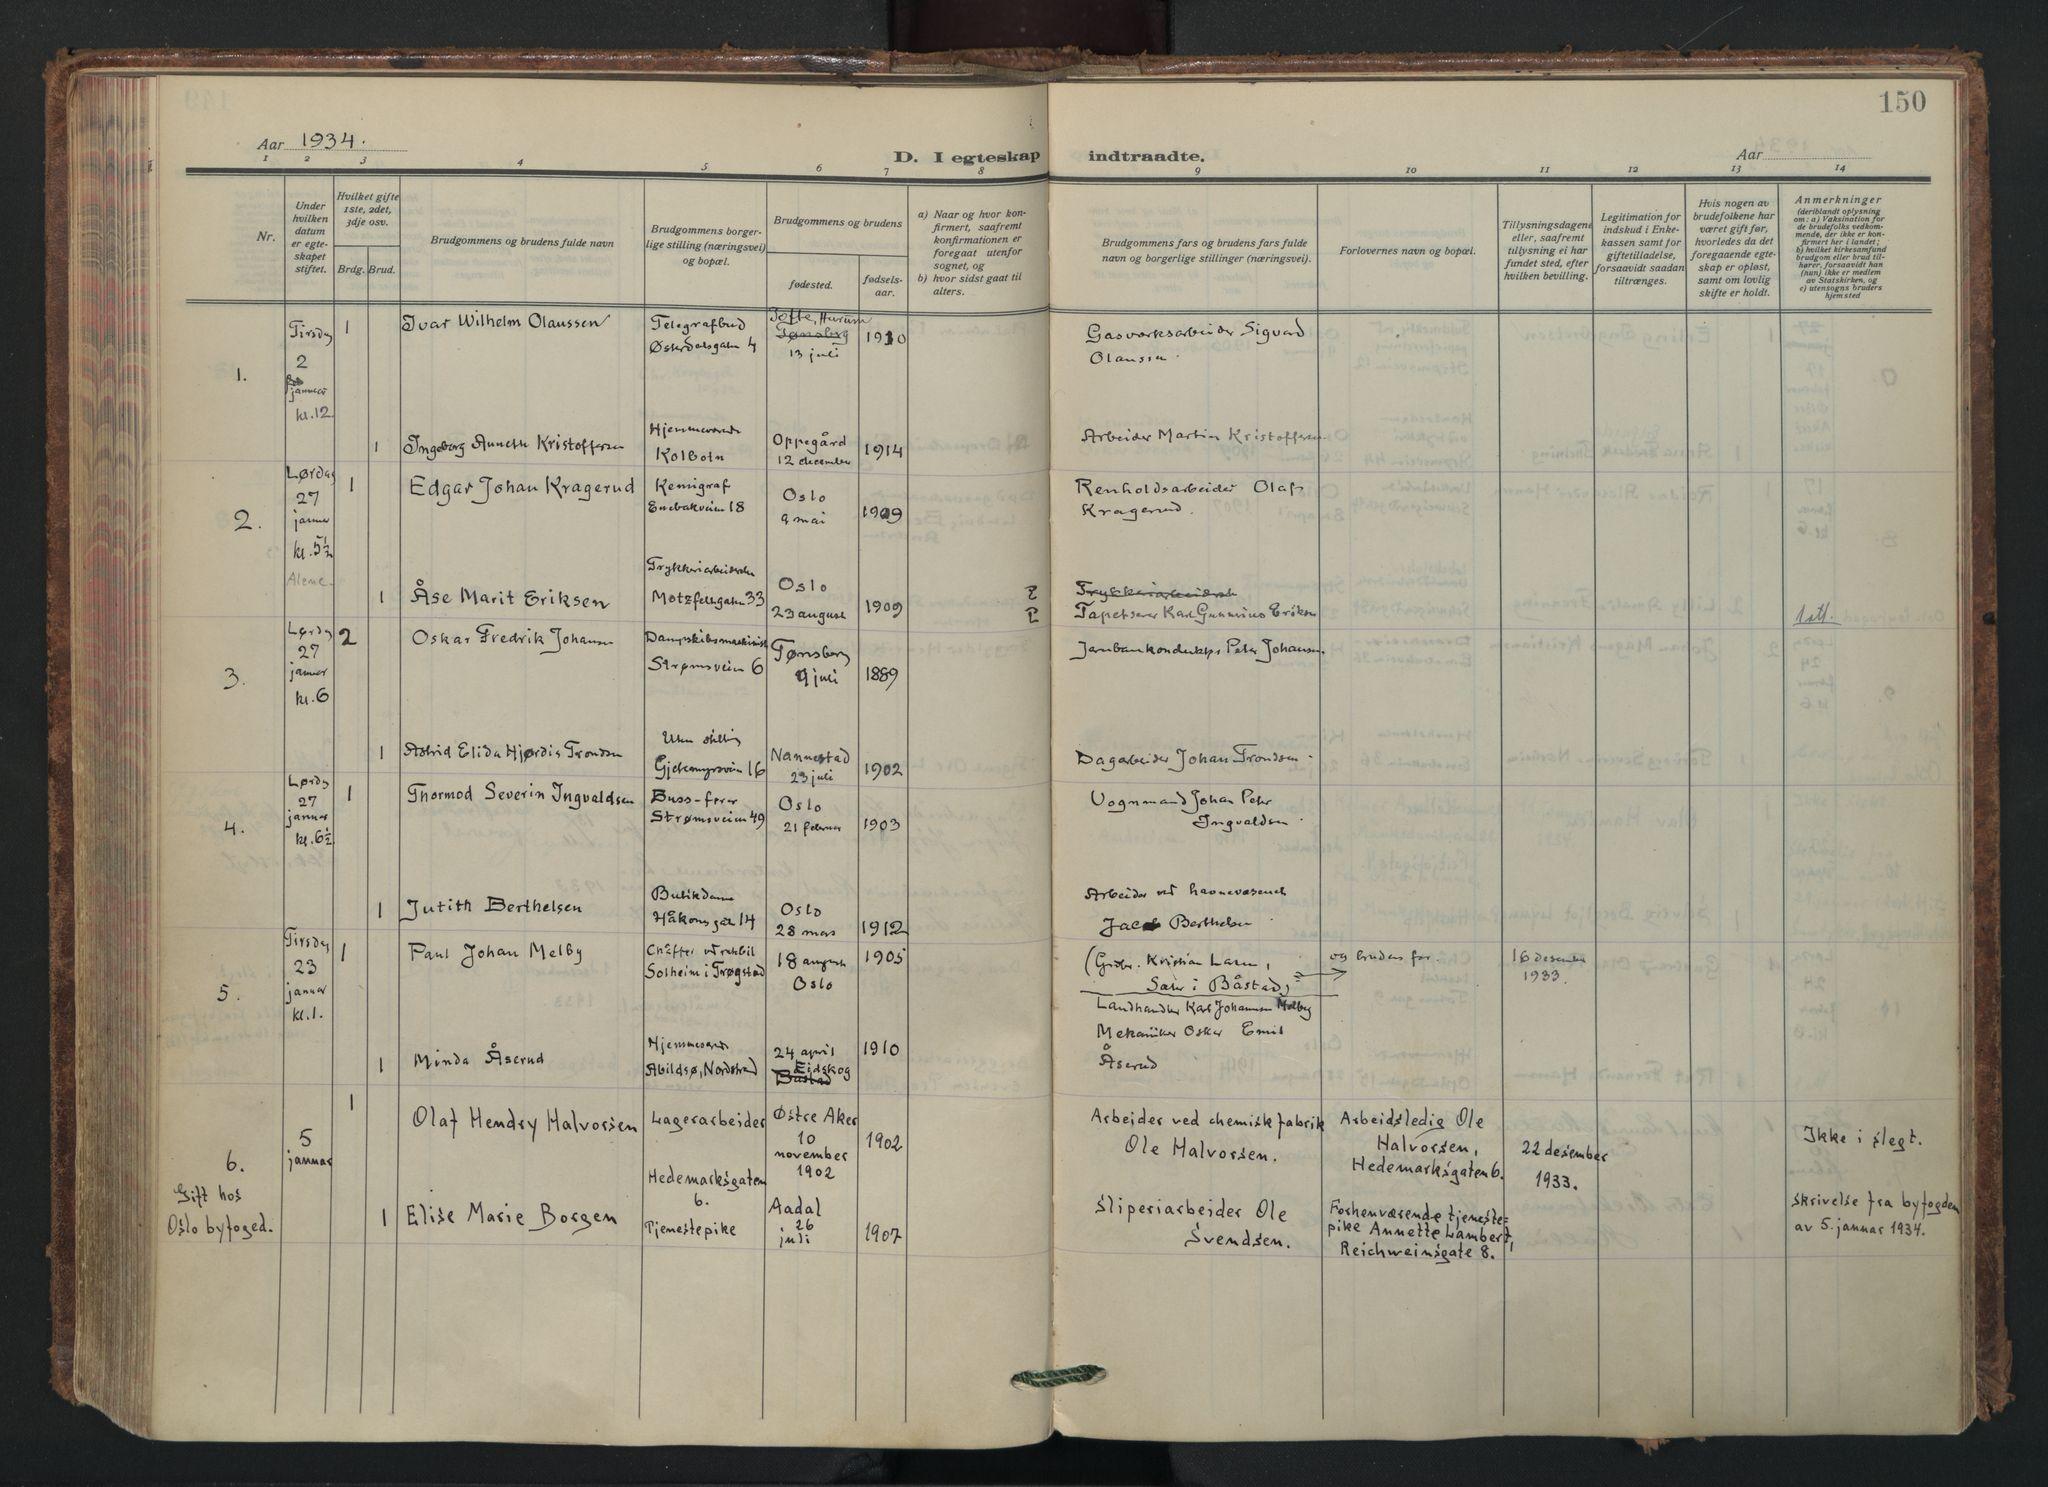 SAO, Vålerengen prestekontor Kirkebøker, F/Fa/L0005: Ministerialbok nr. 5, 1924-1936, s. 150